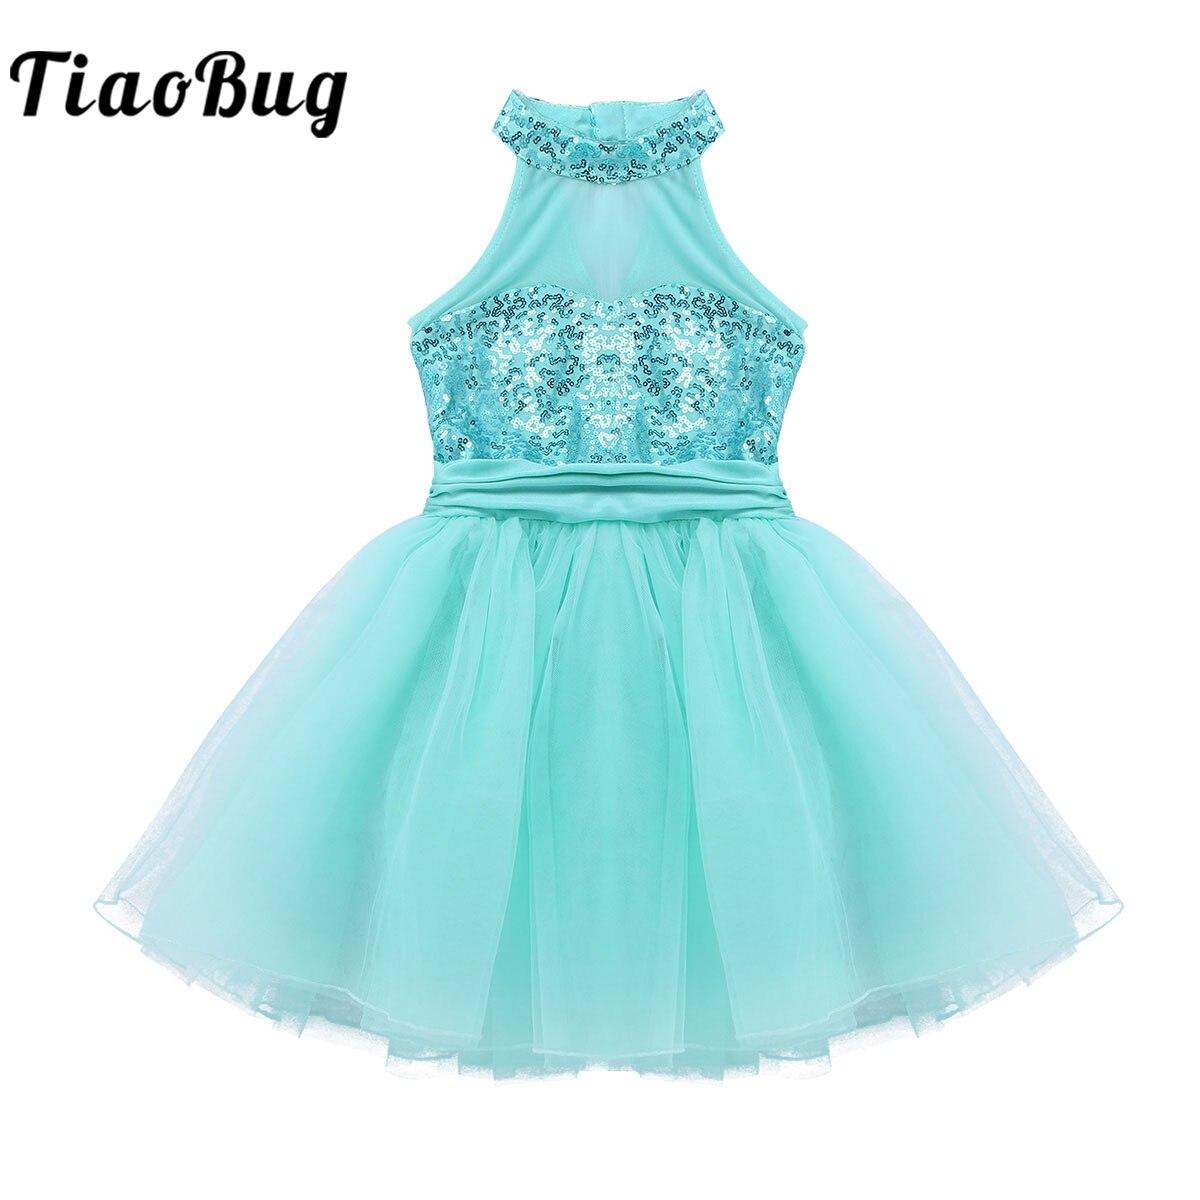 Для девочек балетное гимнастическое платье расшитое блестками для трико гимнастическое для балетов Туту платье, Одежда для танцев